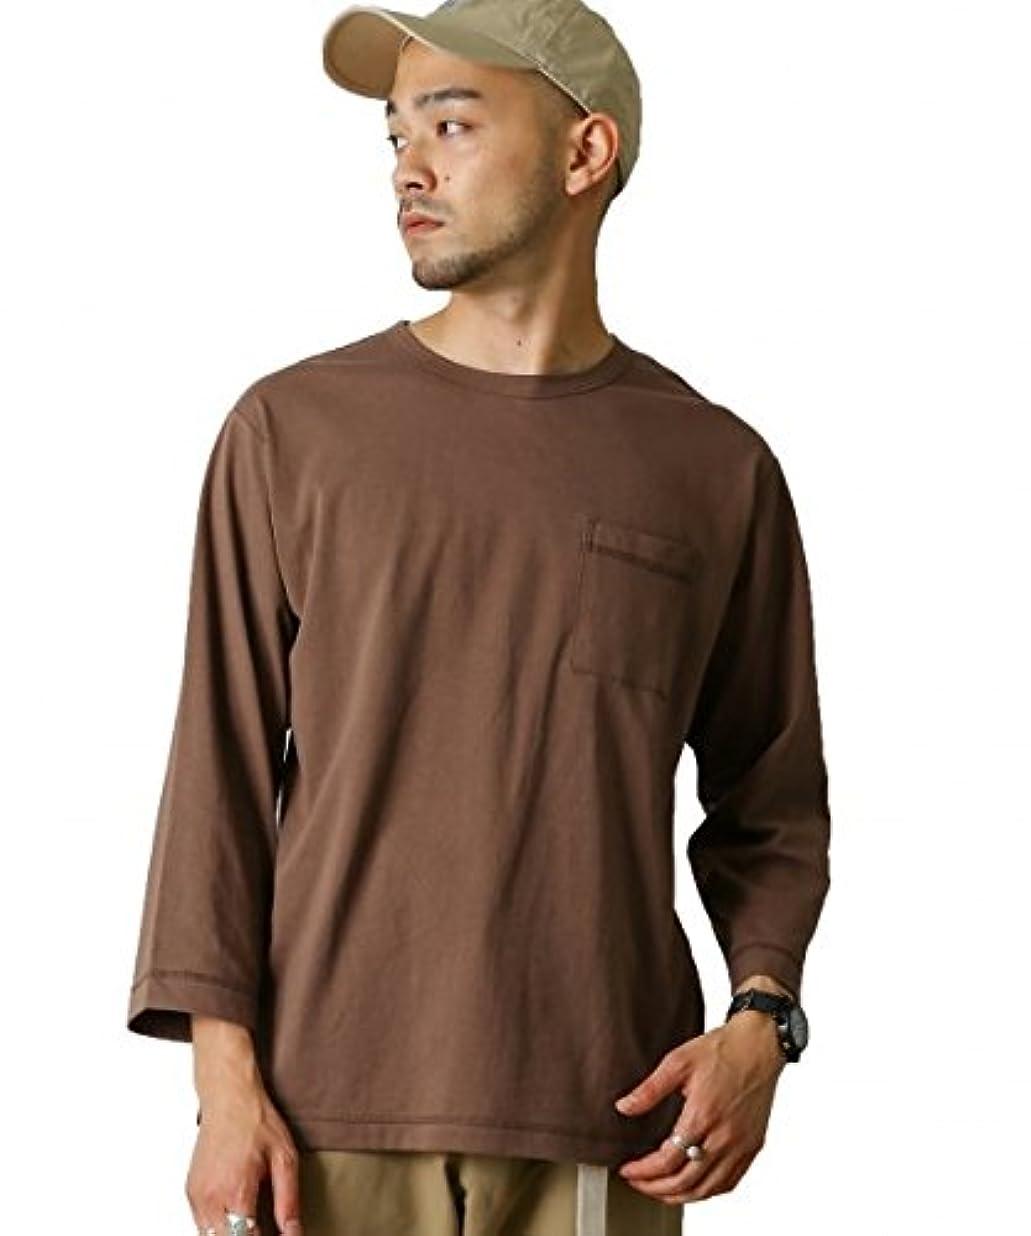 顕著見分けるコマンド(アーバンリサーチ ドアーズ) URBAN RESEARCH DOORS テネシーコットン 8/S Tシャツ DR76-11H004